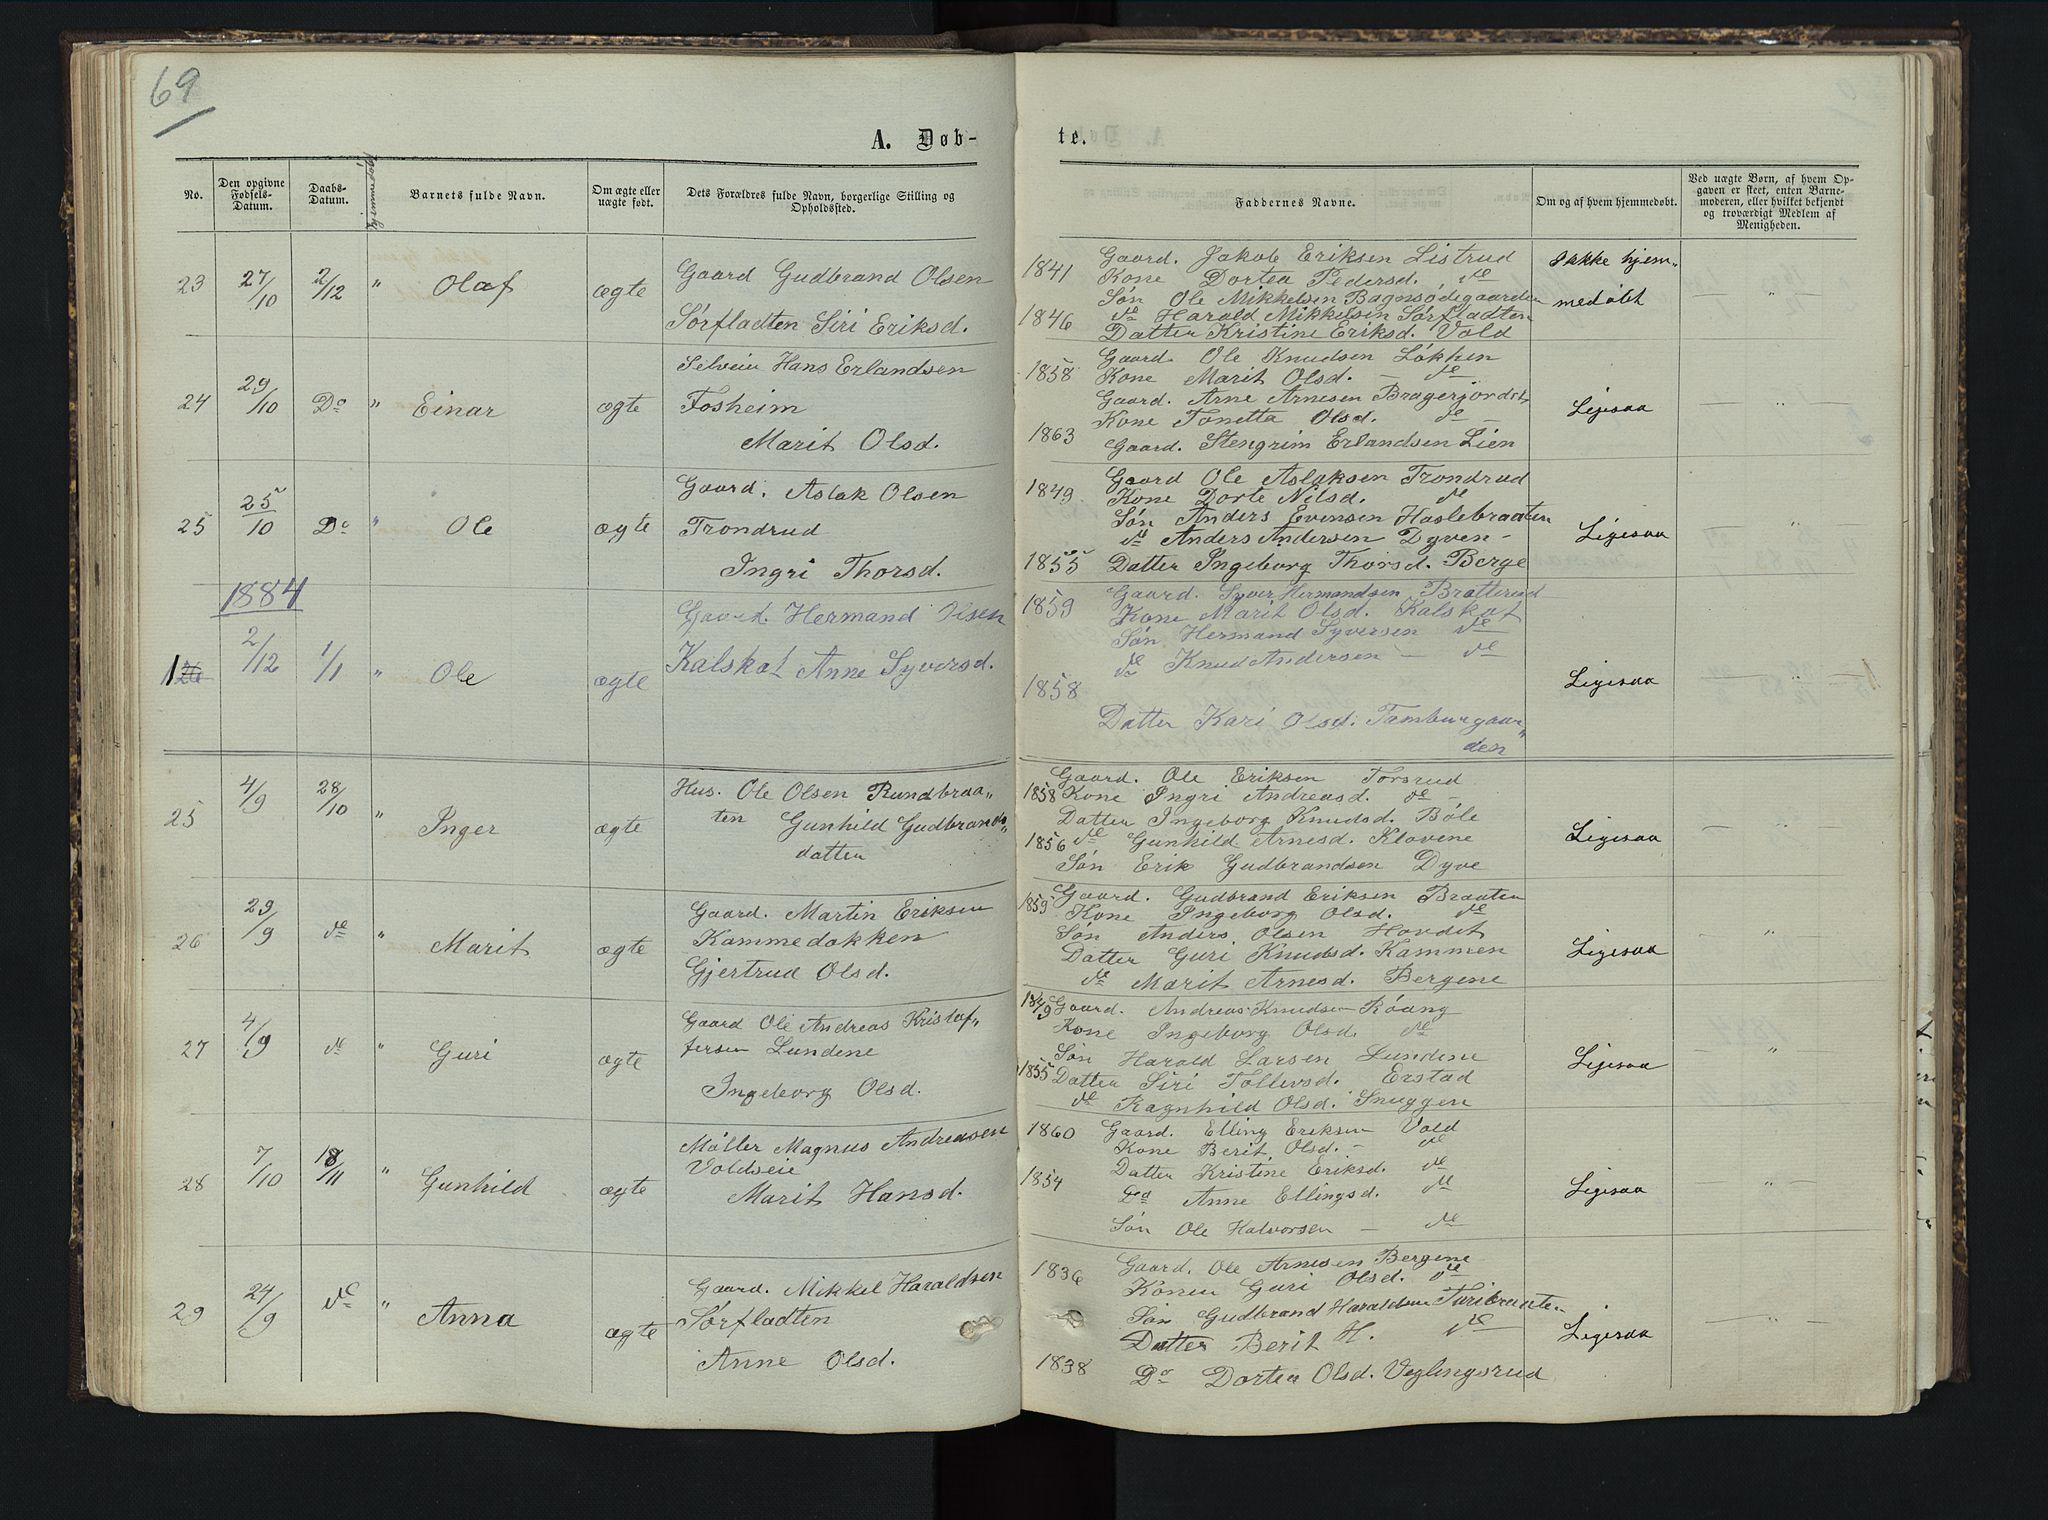 SAH, Sør-Aurdal prestekontor, Klokkerbok nr. 5, 1866-1893, s. 69